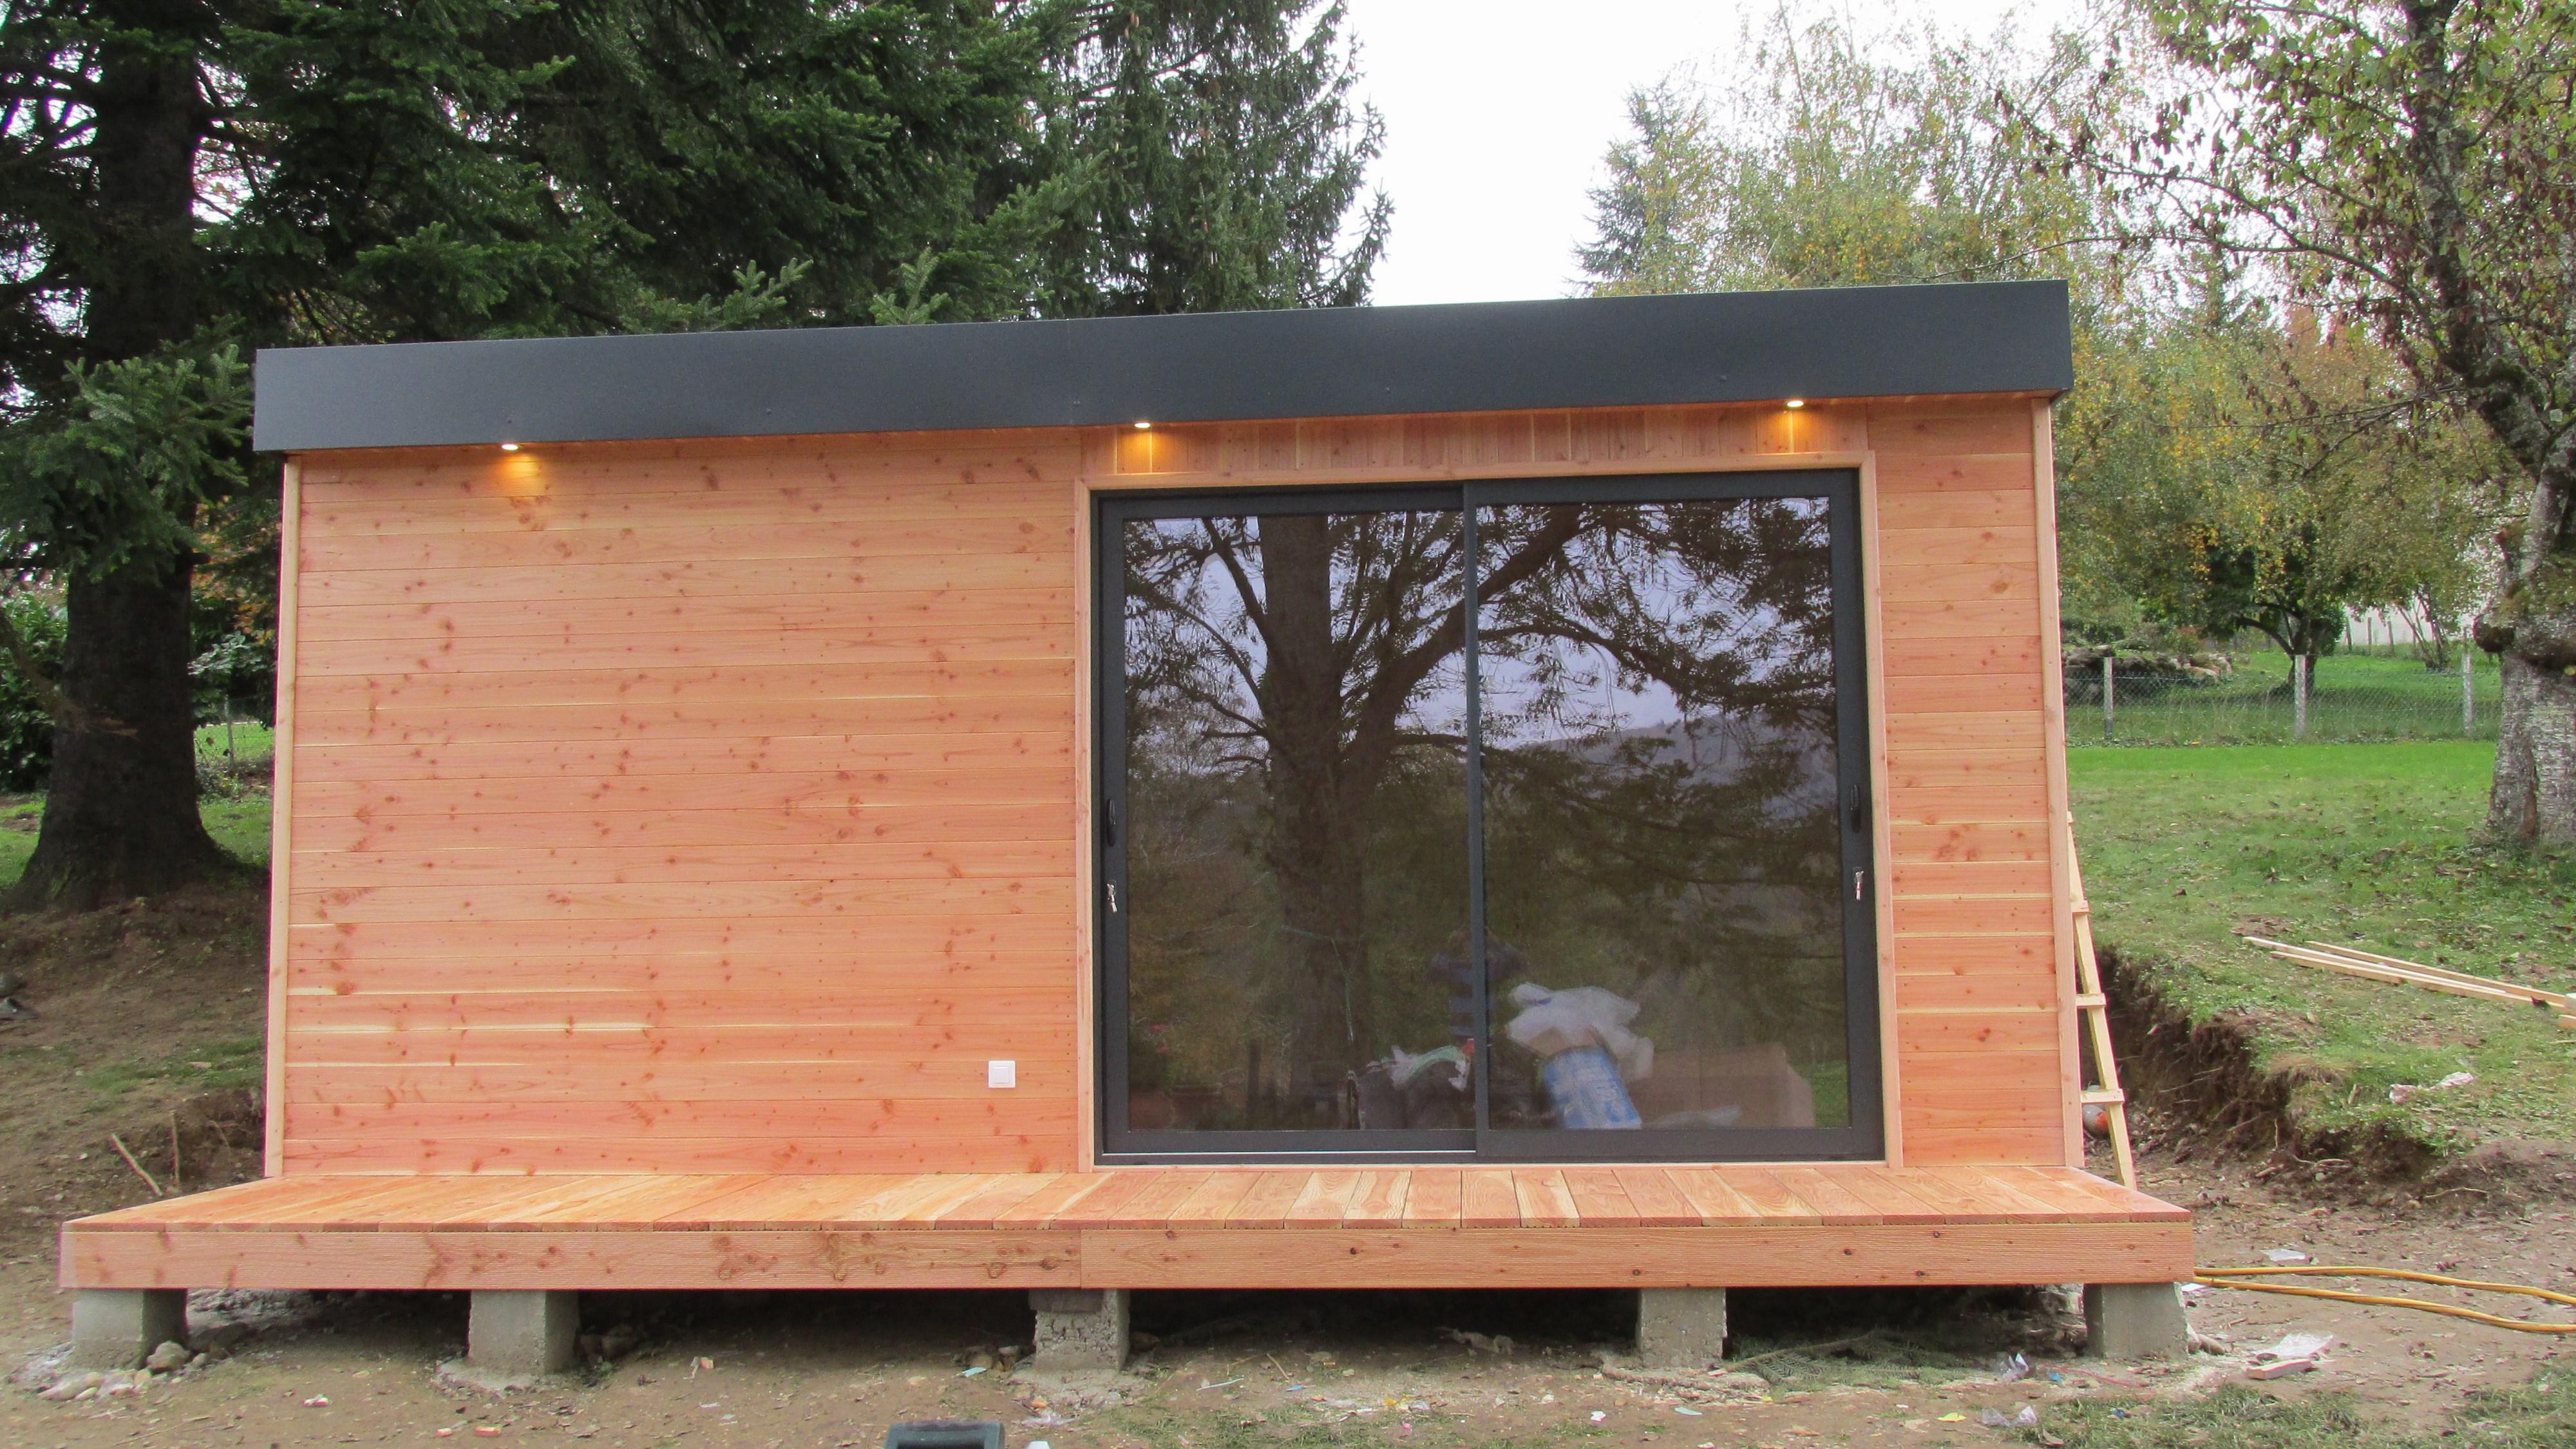 Construire une cabane de jardin pas cher ch let maison - Cabane en bois de jardin pas cher ...